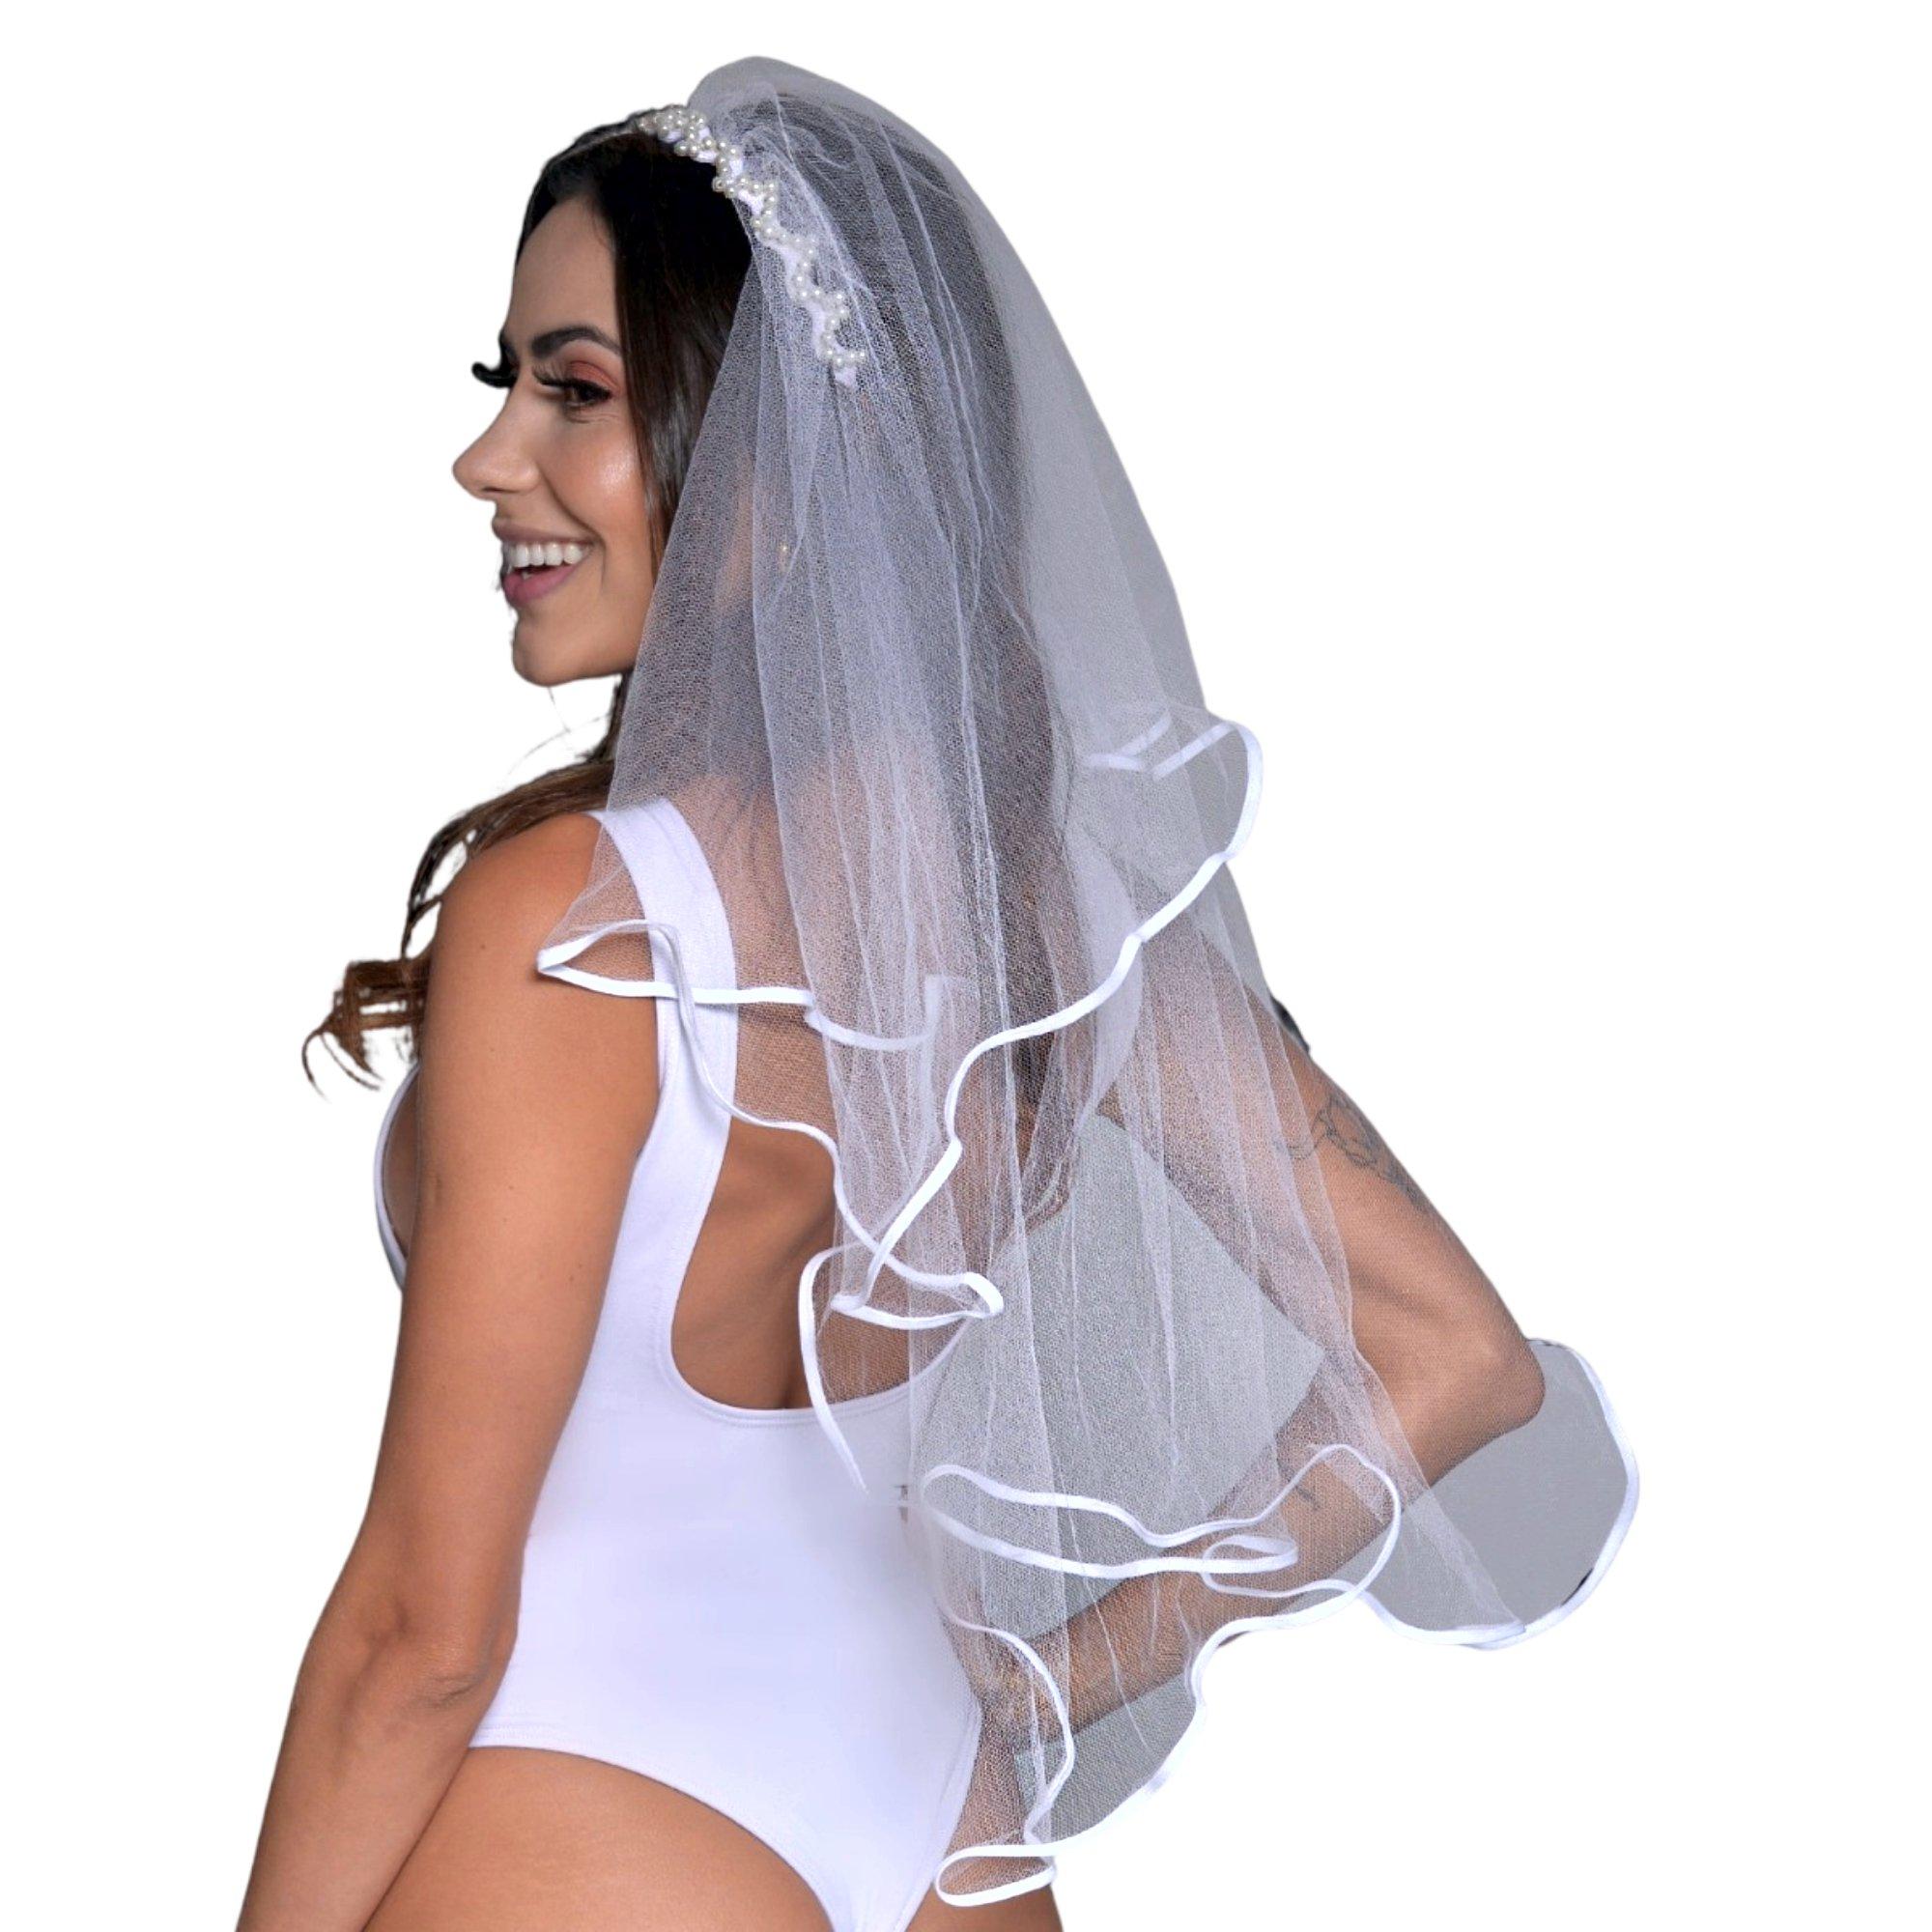 Véu longo em tiara com pérolas